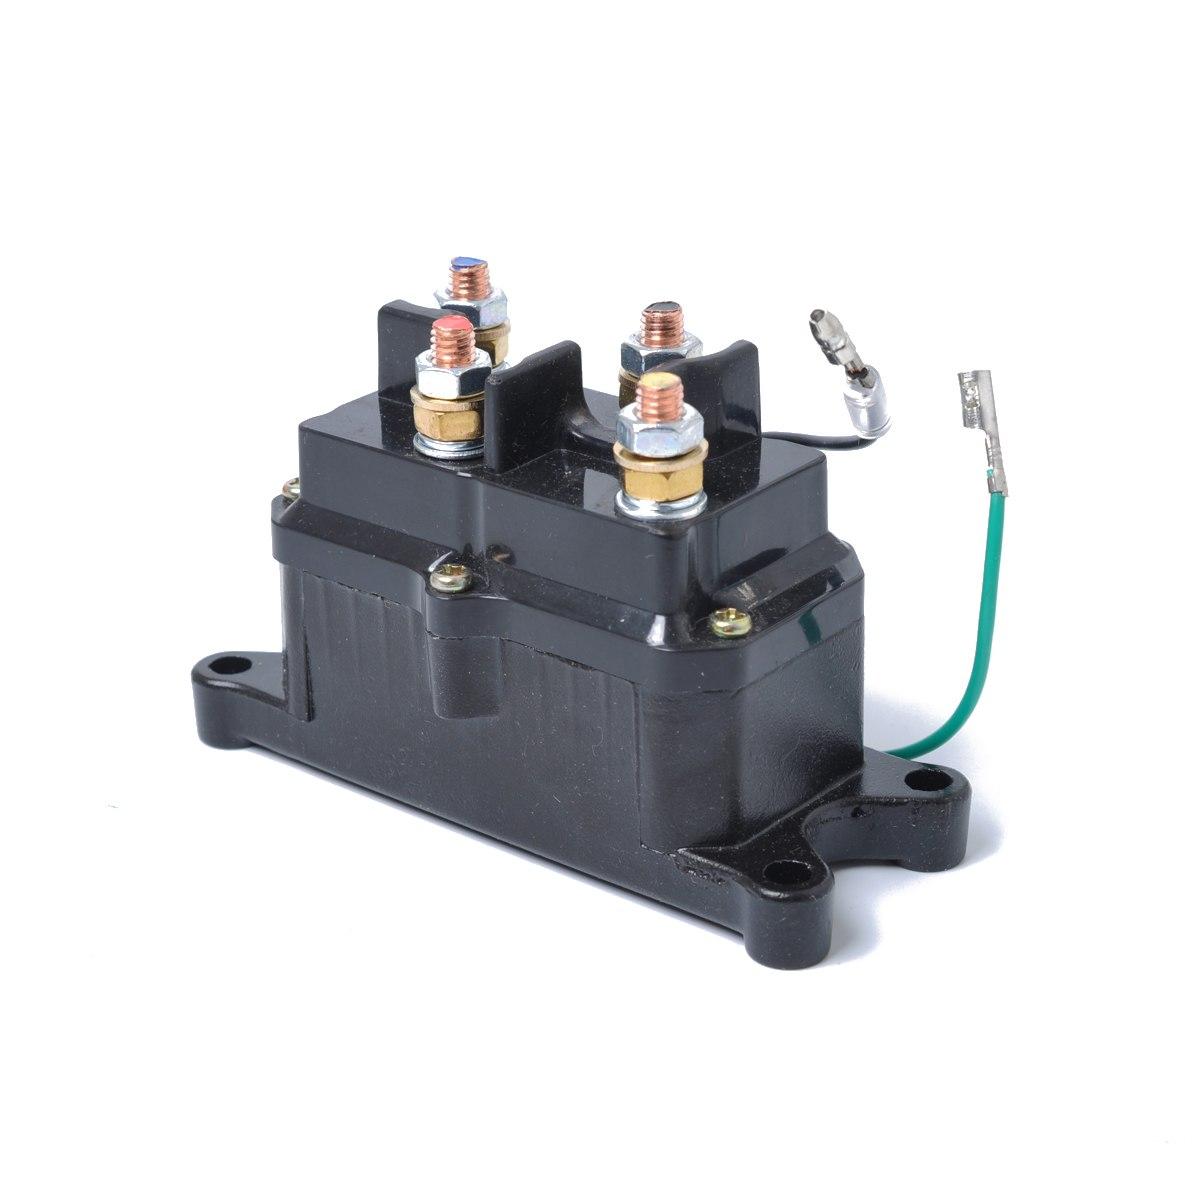 [해외]12V 250A 접촉기 릴레이 윈치 접촉기 ATV UTV 트럭 보트 용 전기 윈치 솔레노이드 릴레이 교체 스위치/12V 250A Contactor Relay Winch Contactor Electric Winch Solenoid Relay Replacement